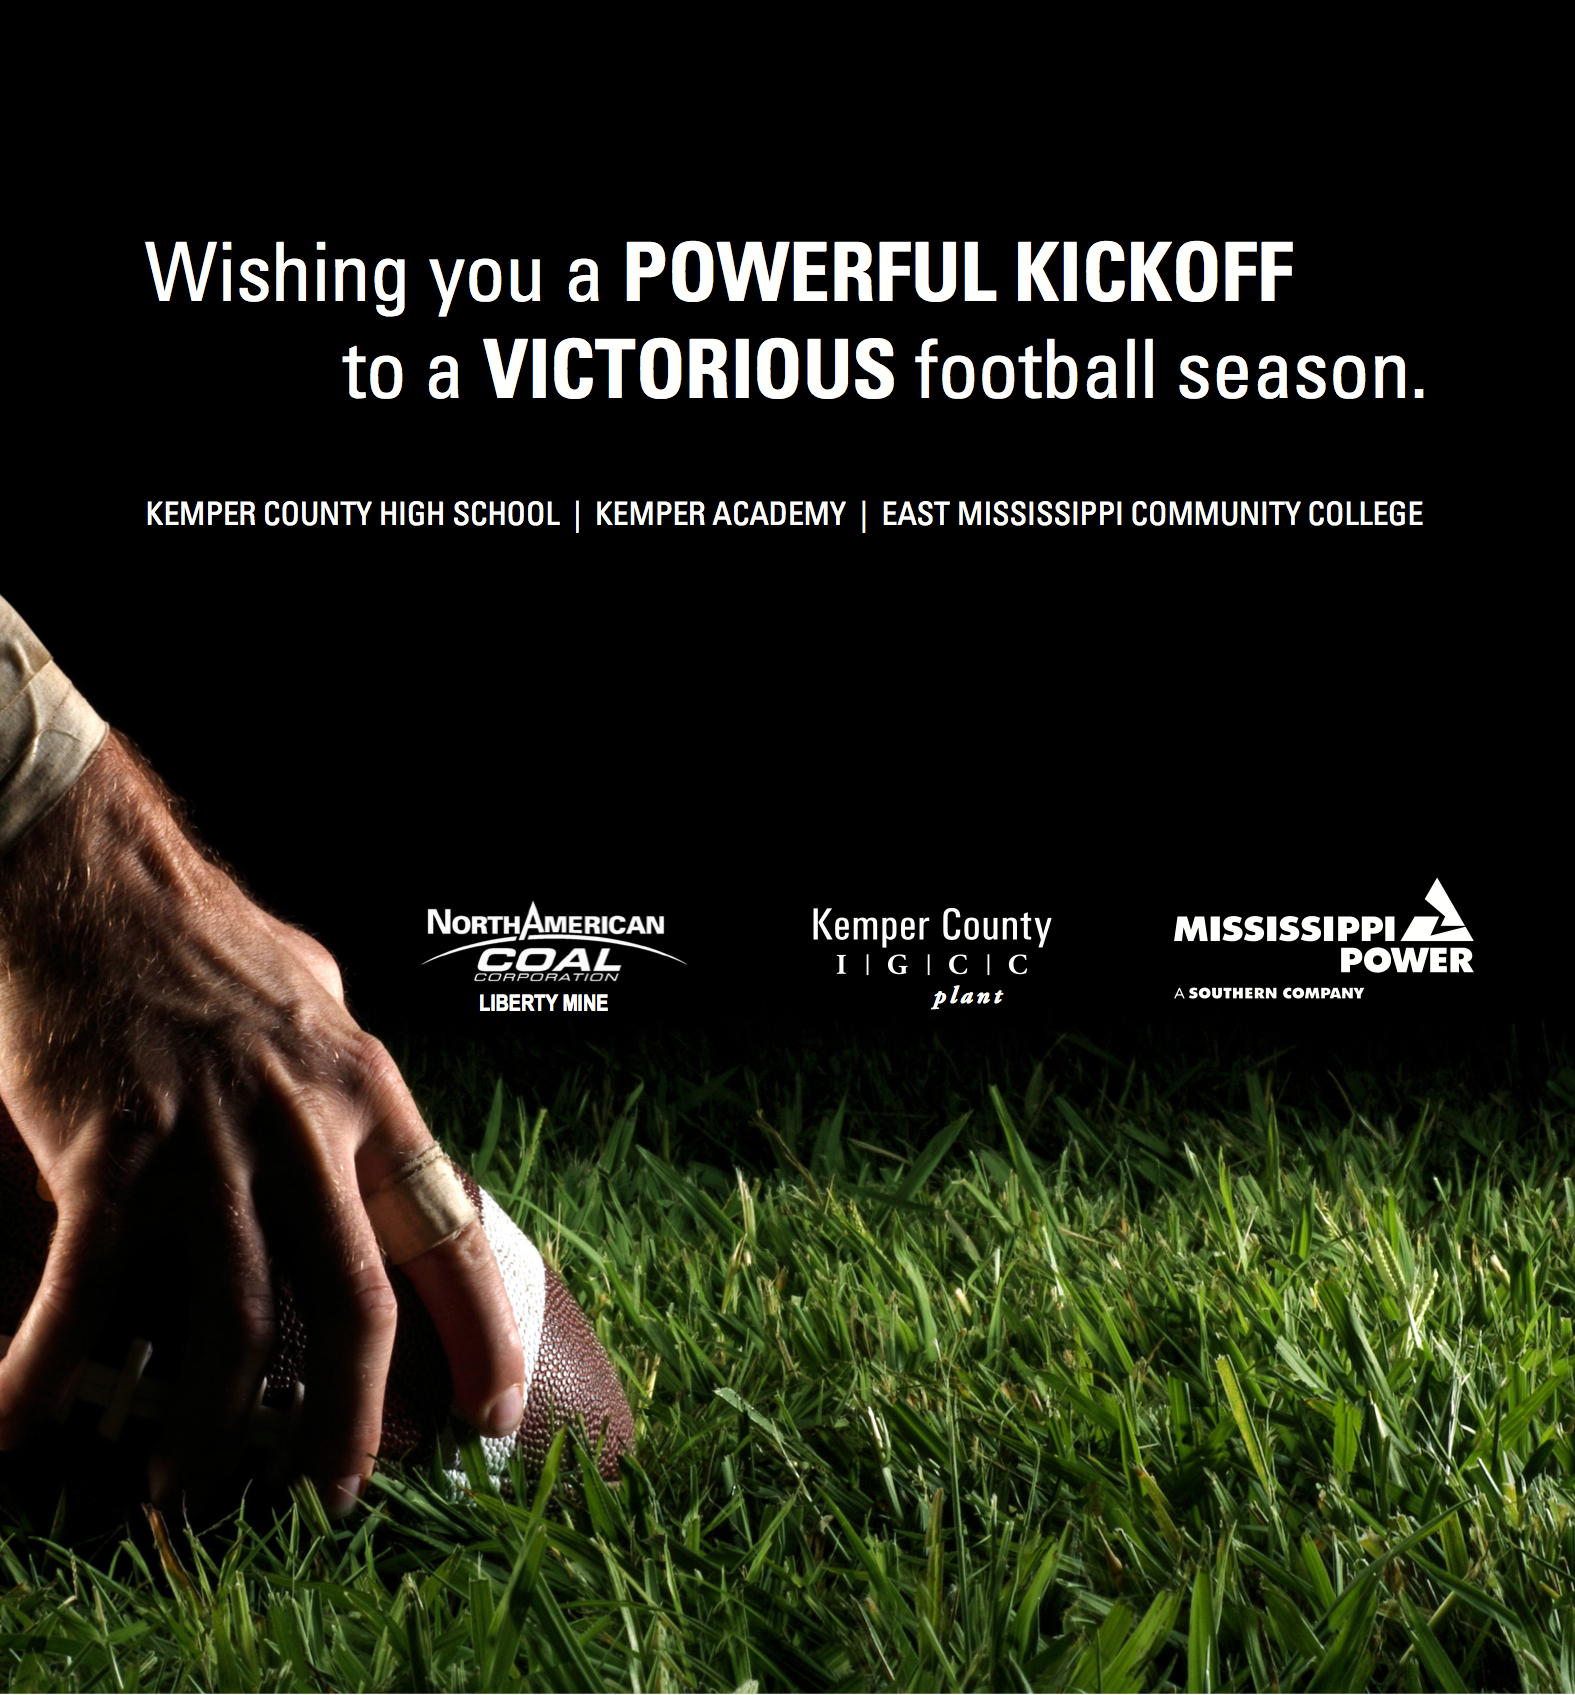 FootballAdvert.jpg